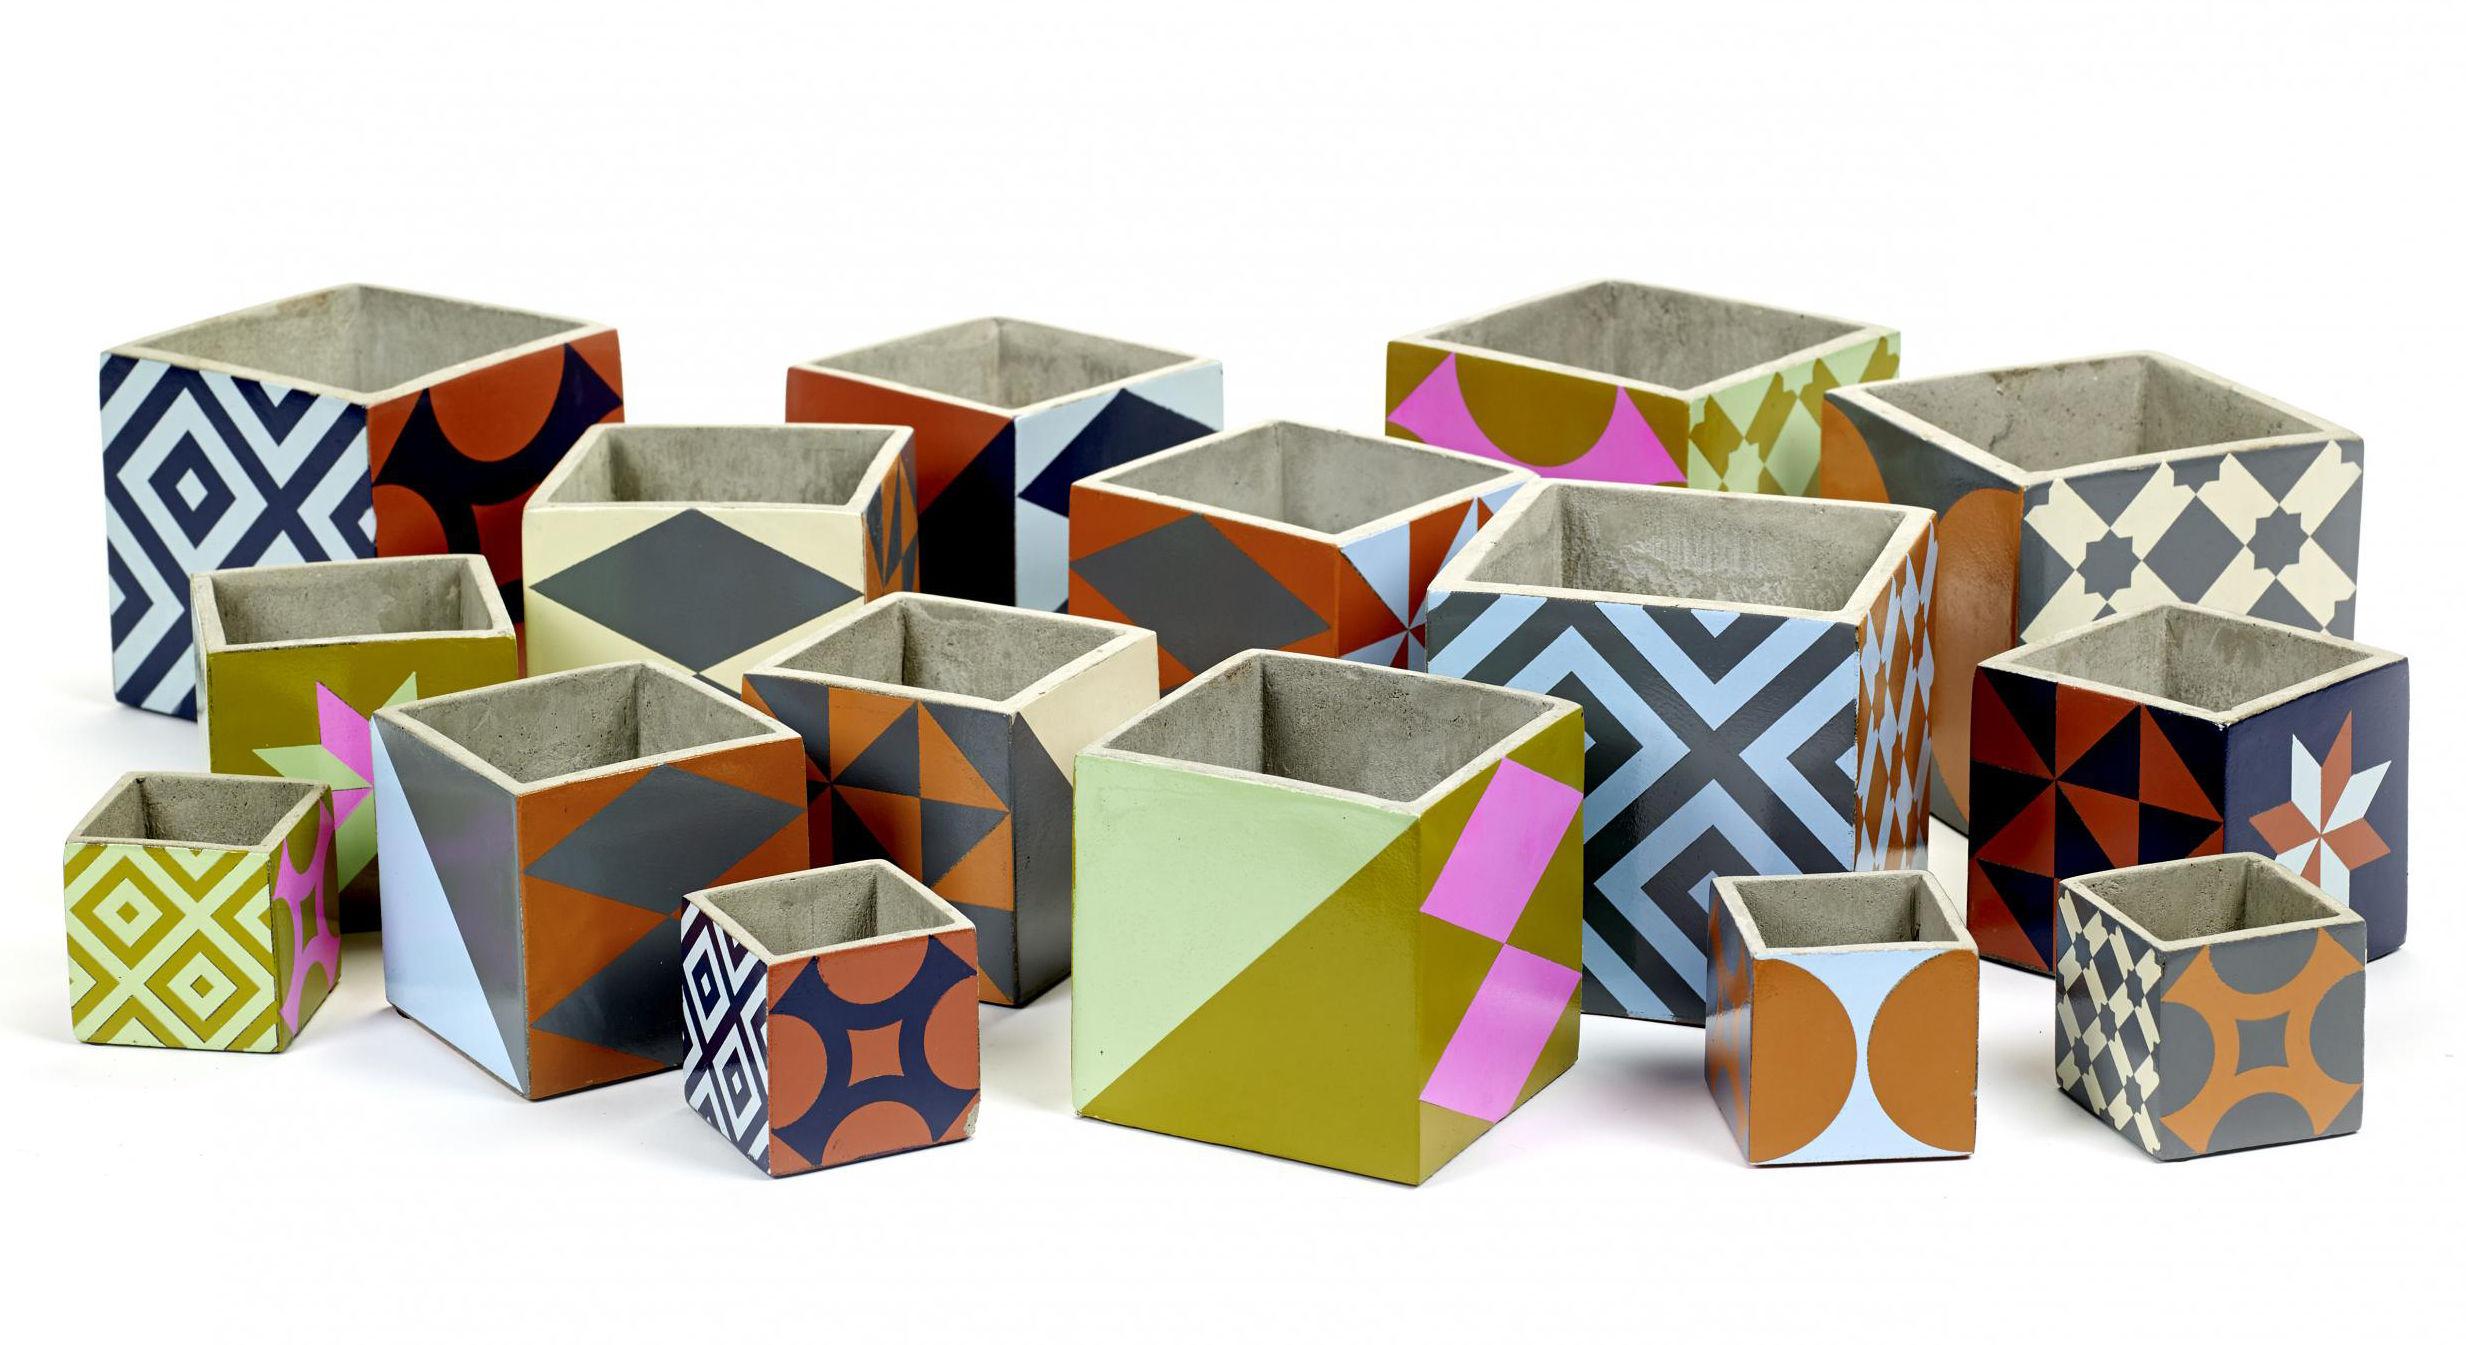 Piastrelle Di Cemento Colorato : Marie small vaso set da piastrelle di cemento small